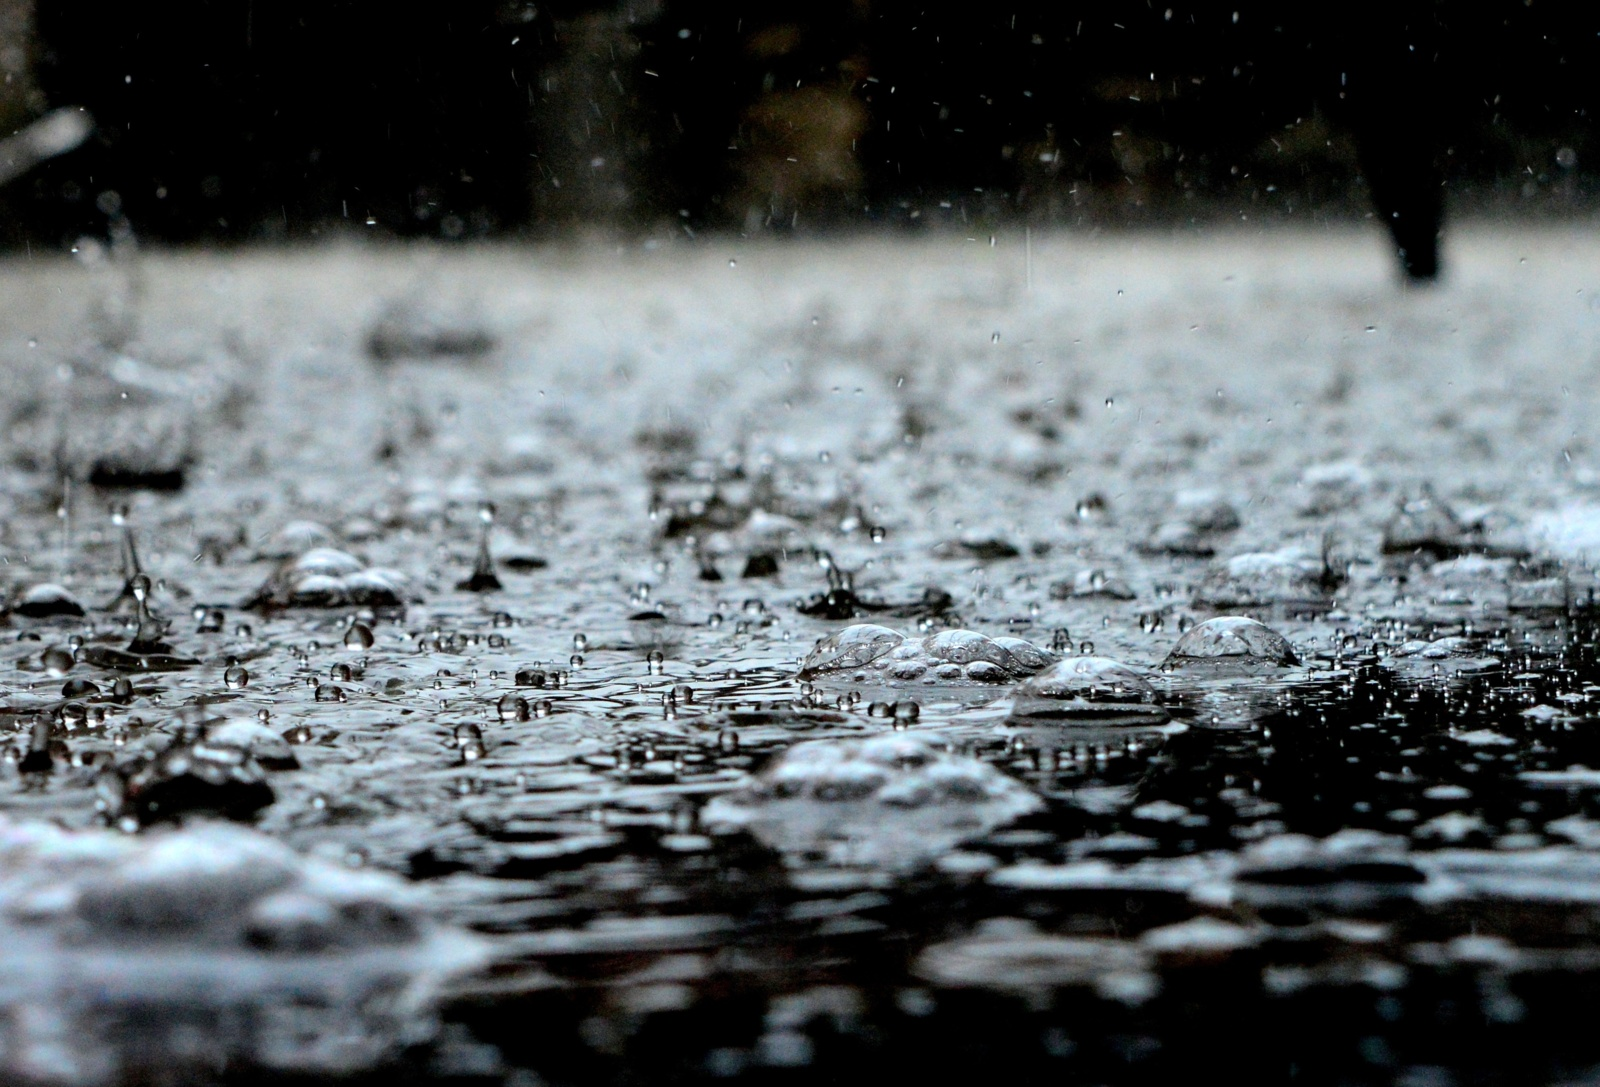 Ruduo išguis vasarišką šilumą – dienos subjurs